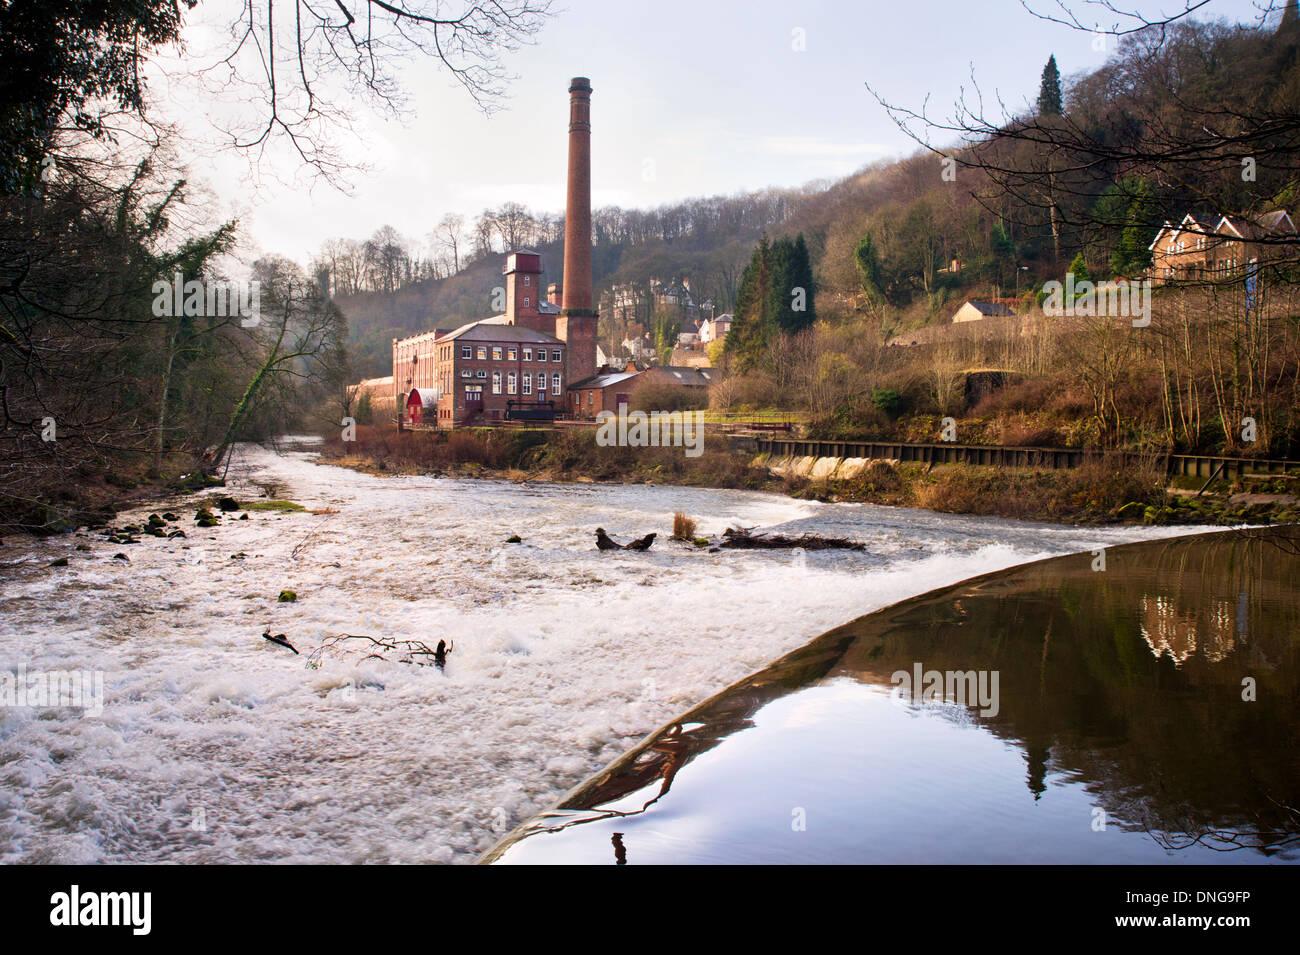 Masson Mill, Derwent Valley Mills World Heritage Site, Cromford, Derbyshire, England, UK - Stock Image